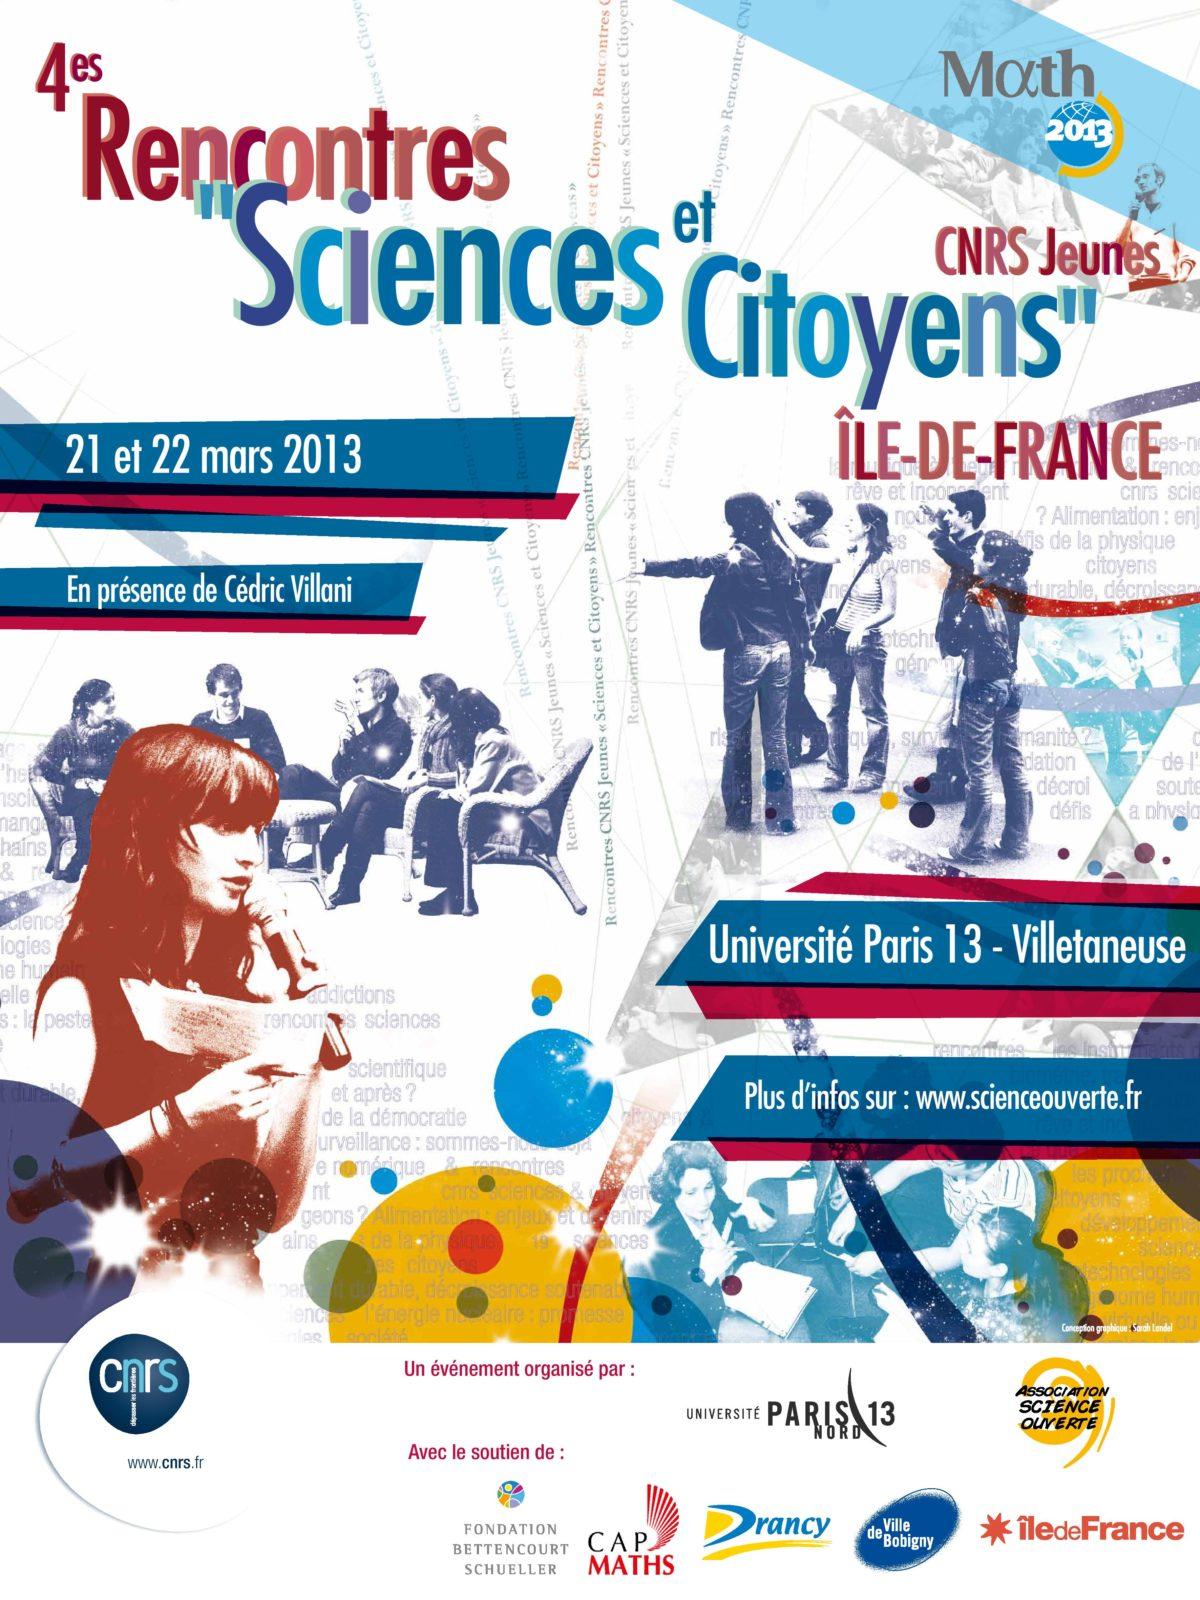 rencontres cnrs jeunes sciences et citoyens